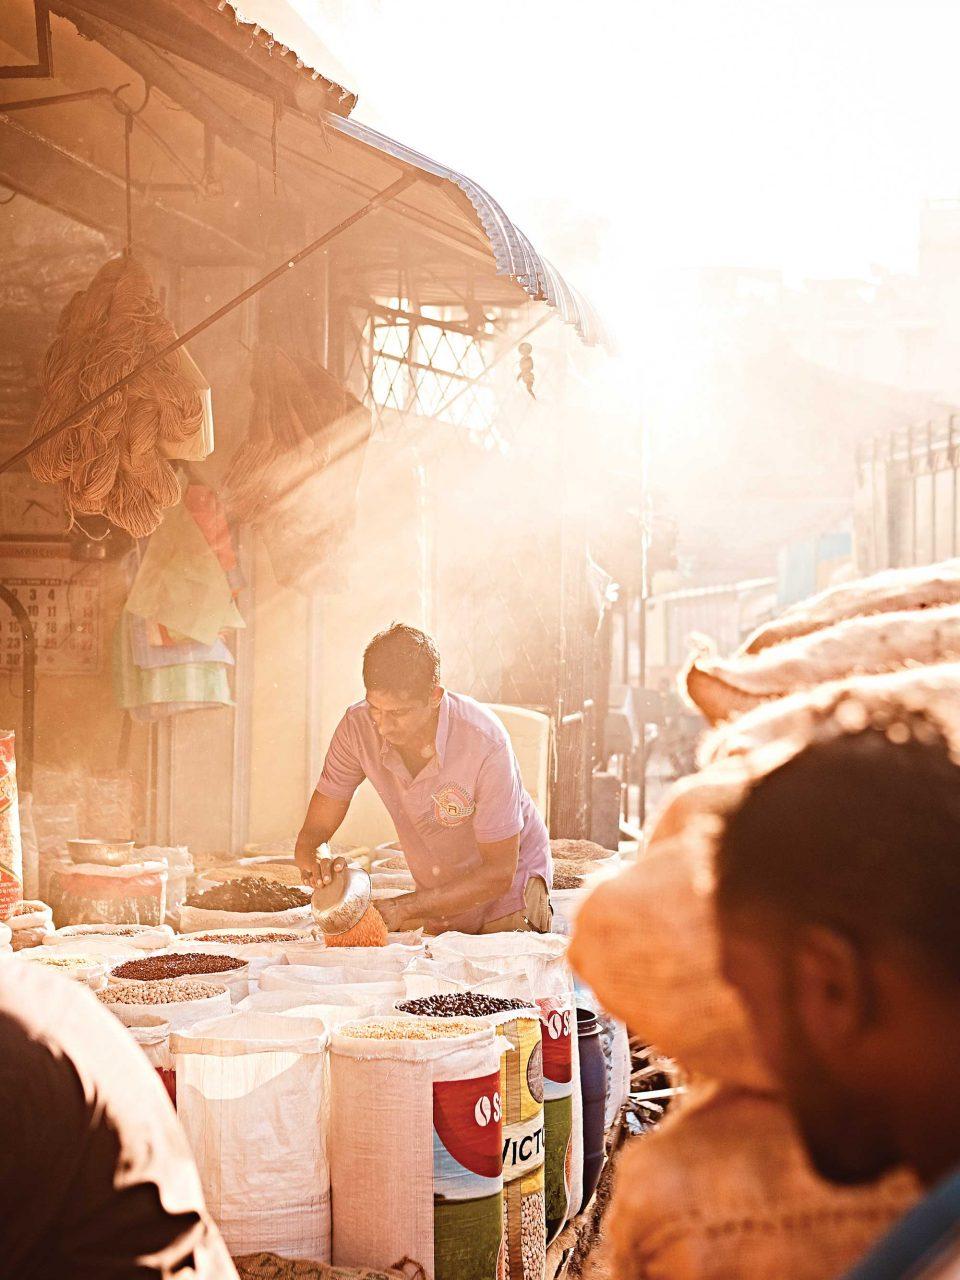 이른 아침부터 하루를 시작하는 시장의 상인들. © 김재욱